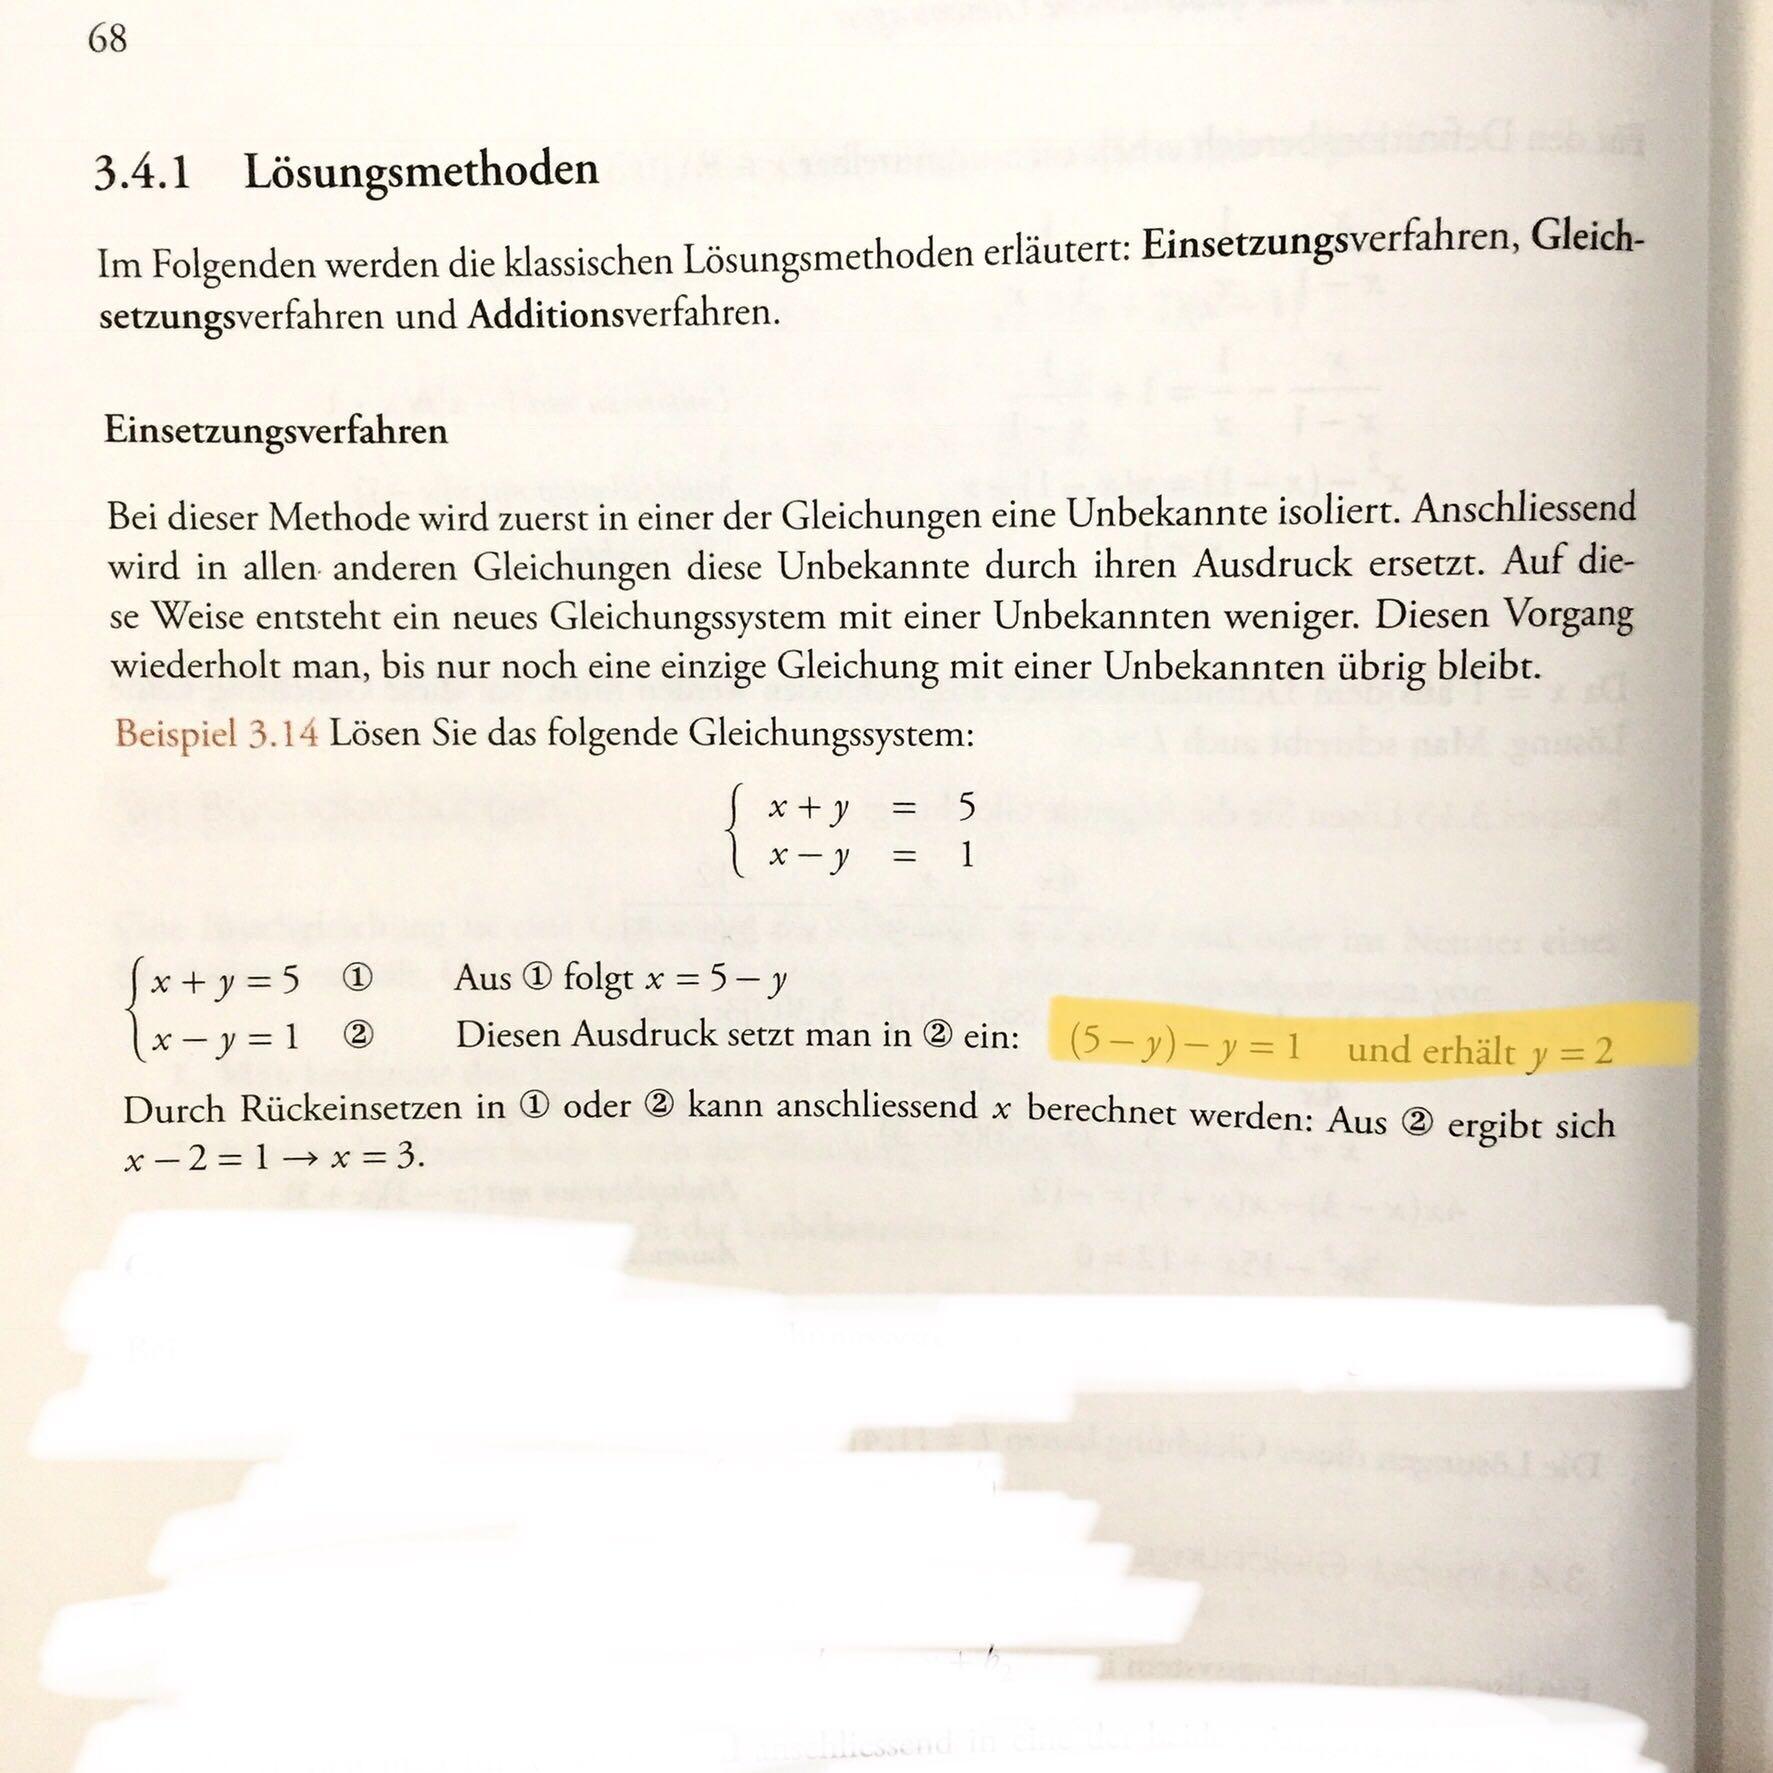 Lineare Gleichungssysteme, Zwischenlösung...? (Schule, Mathematik ...